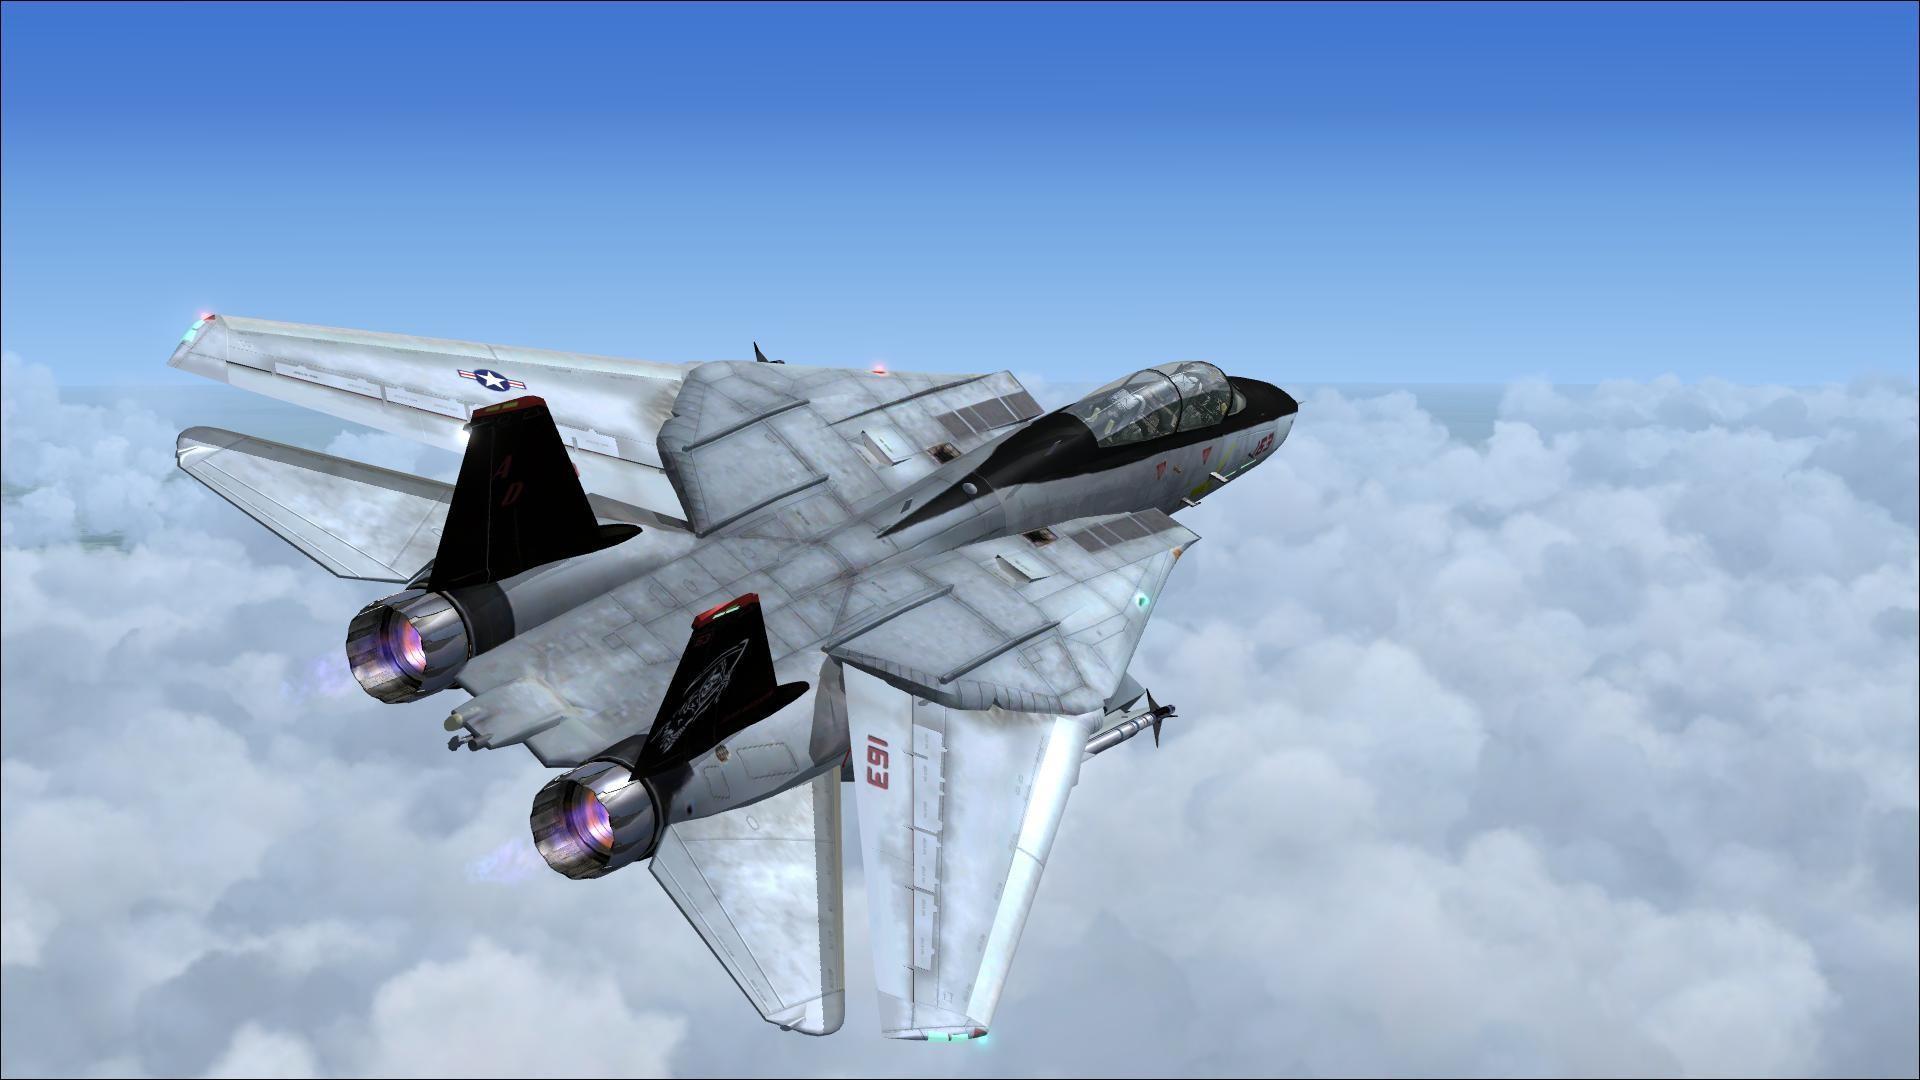 Res: 1920x1080, F-14 Tomcat Vf 101 Grim Reapers wallpaper thumb